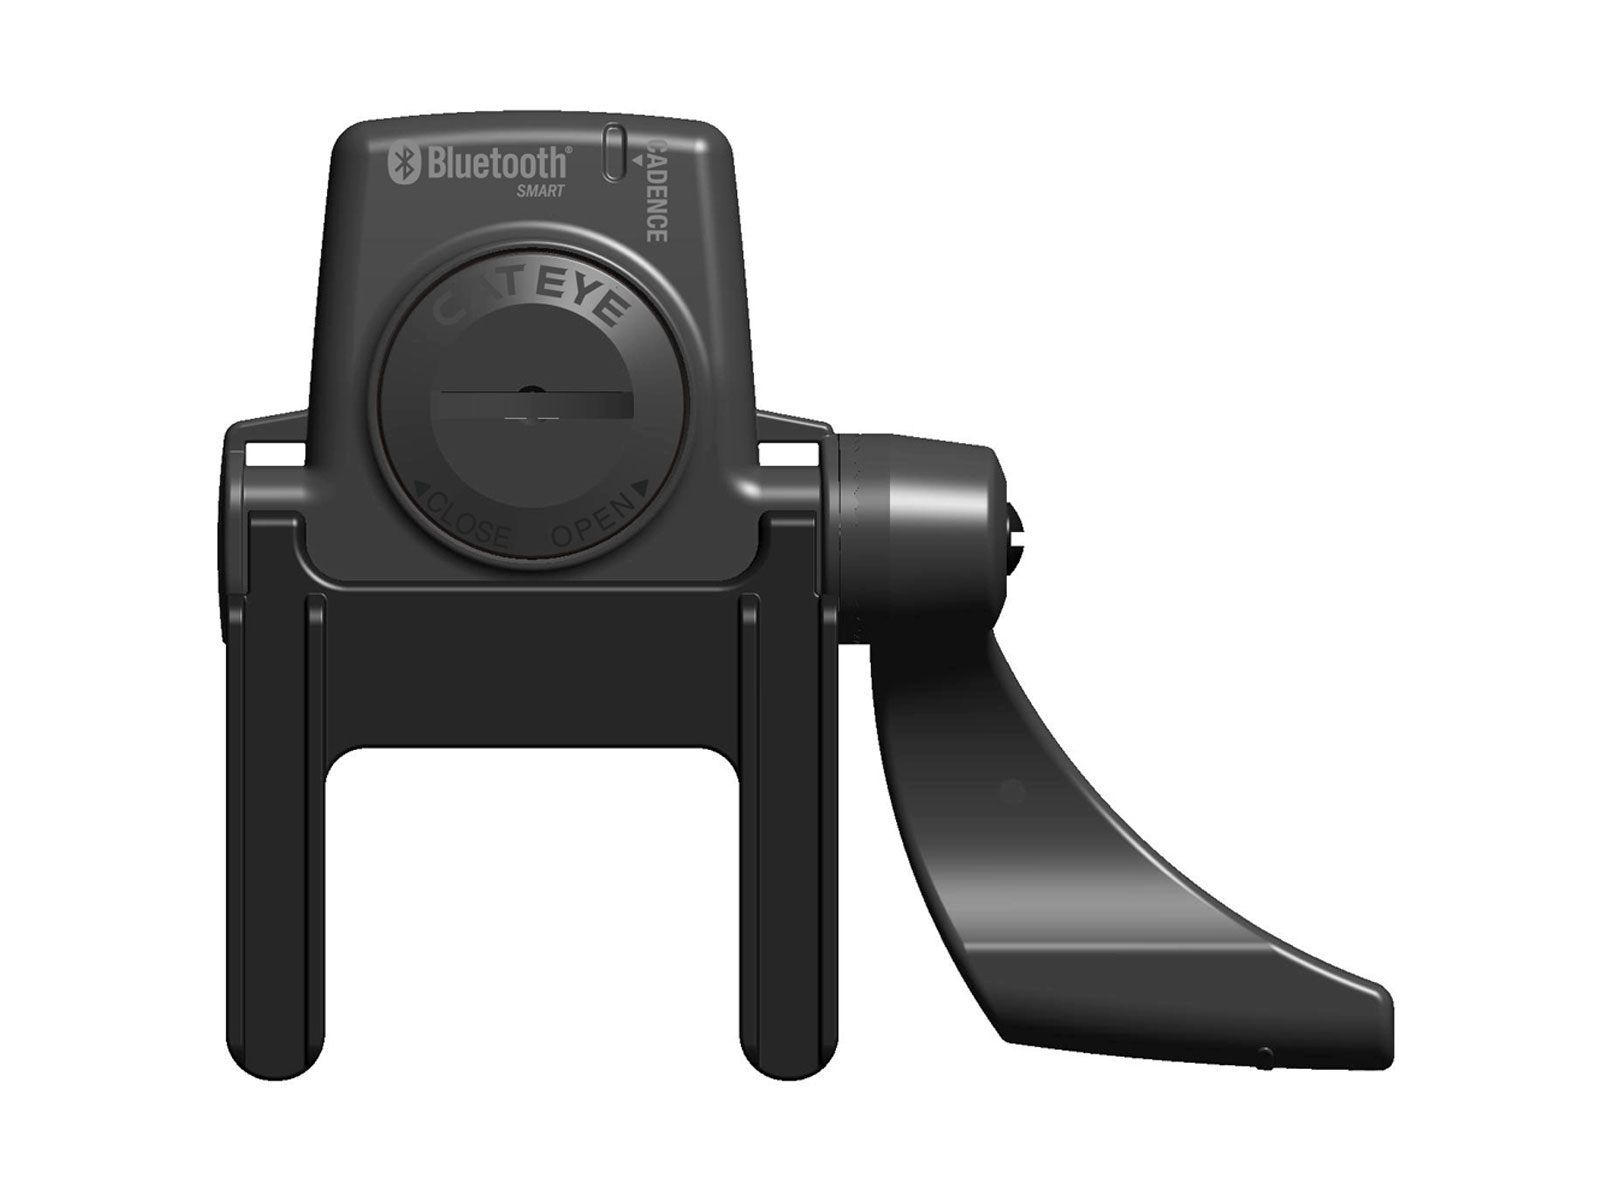 CATEYE Sensor rychlosti a kadence CAT ISC-12 Bluetooth (#1603970) (černá)